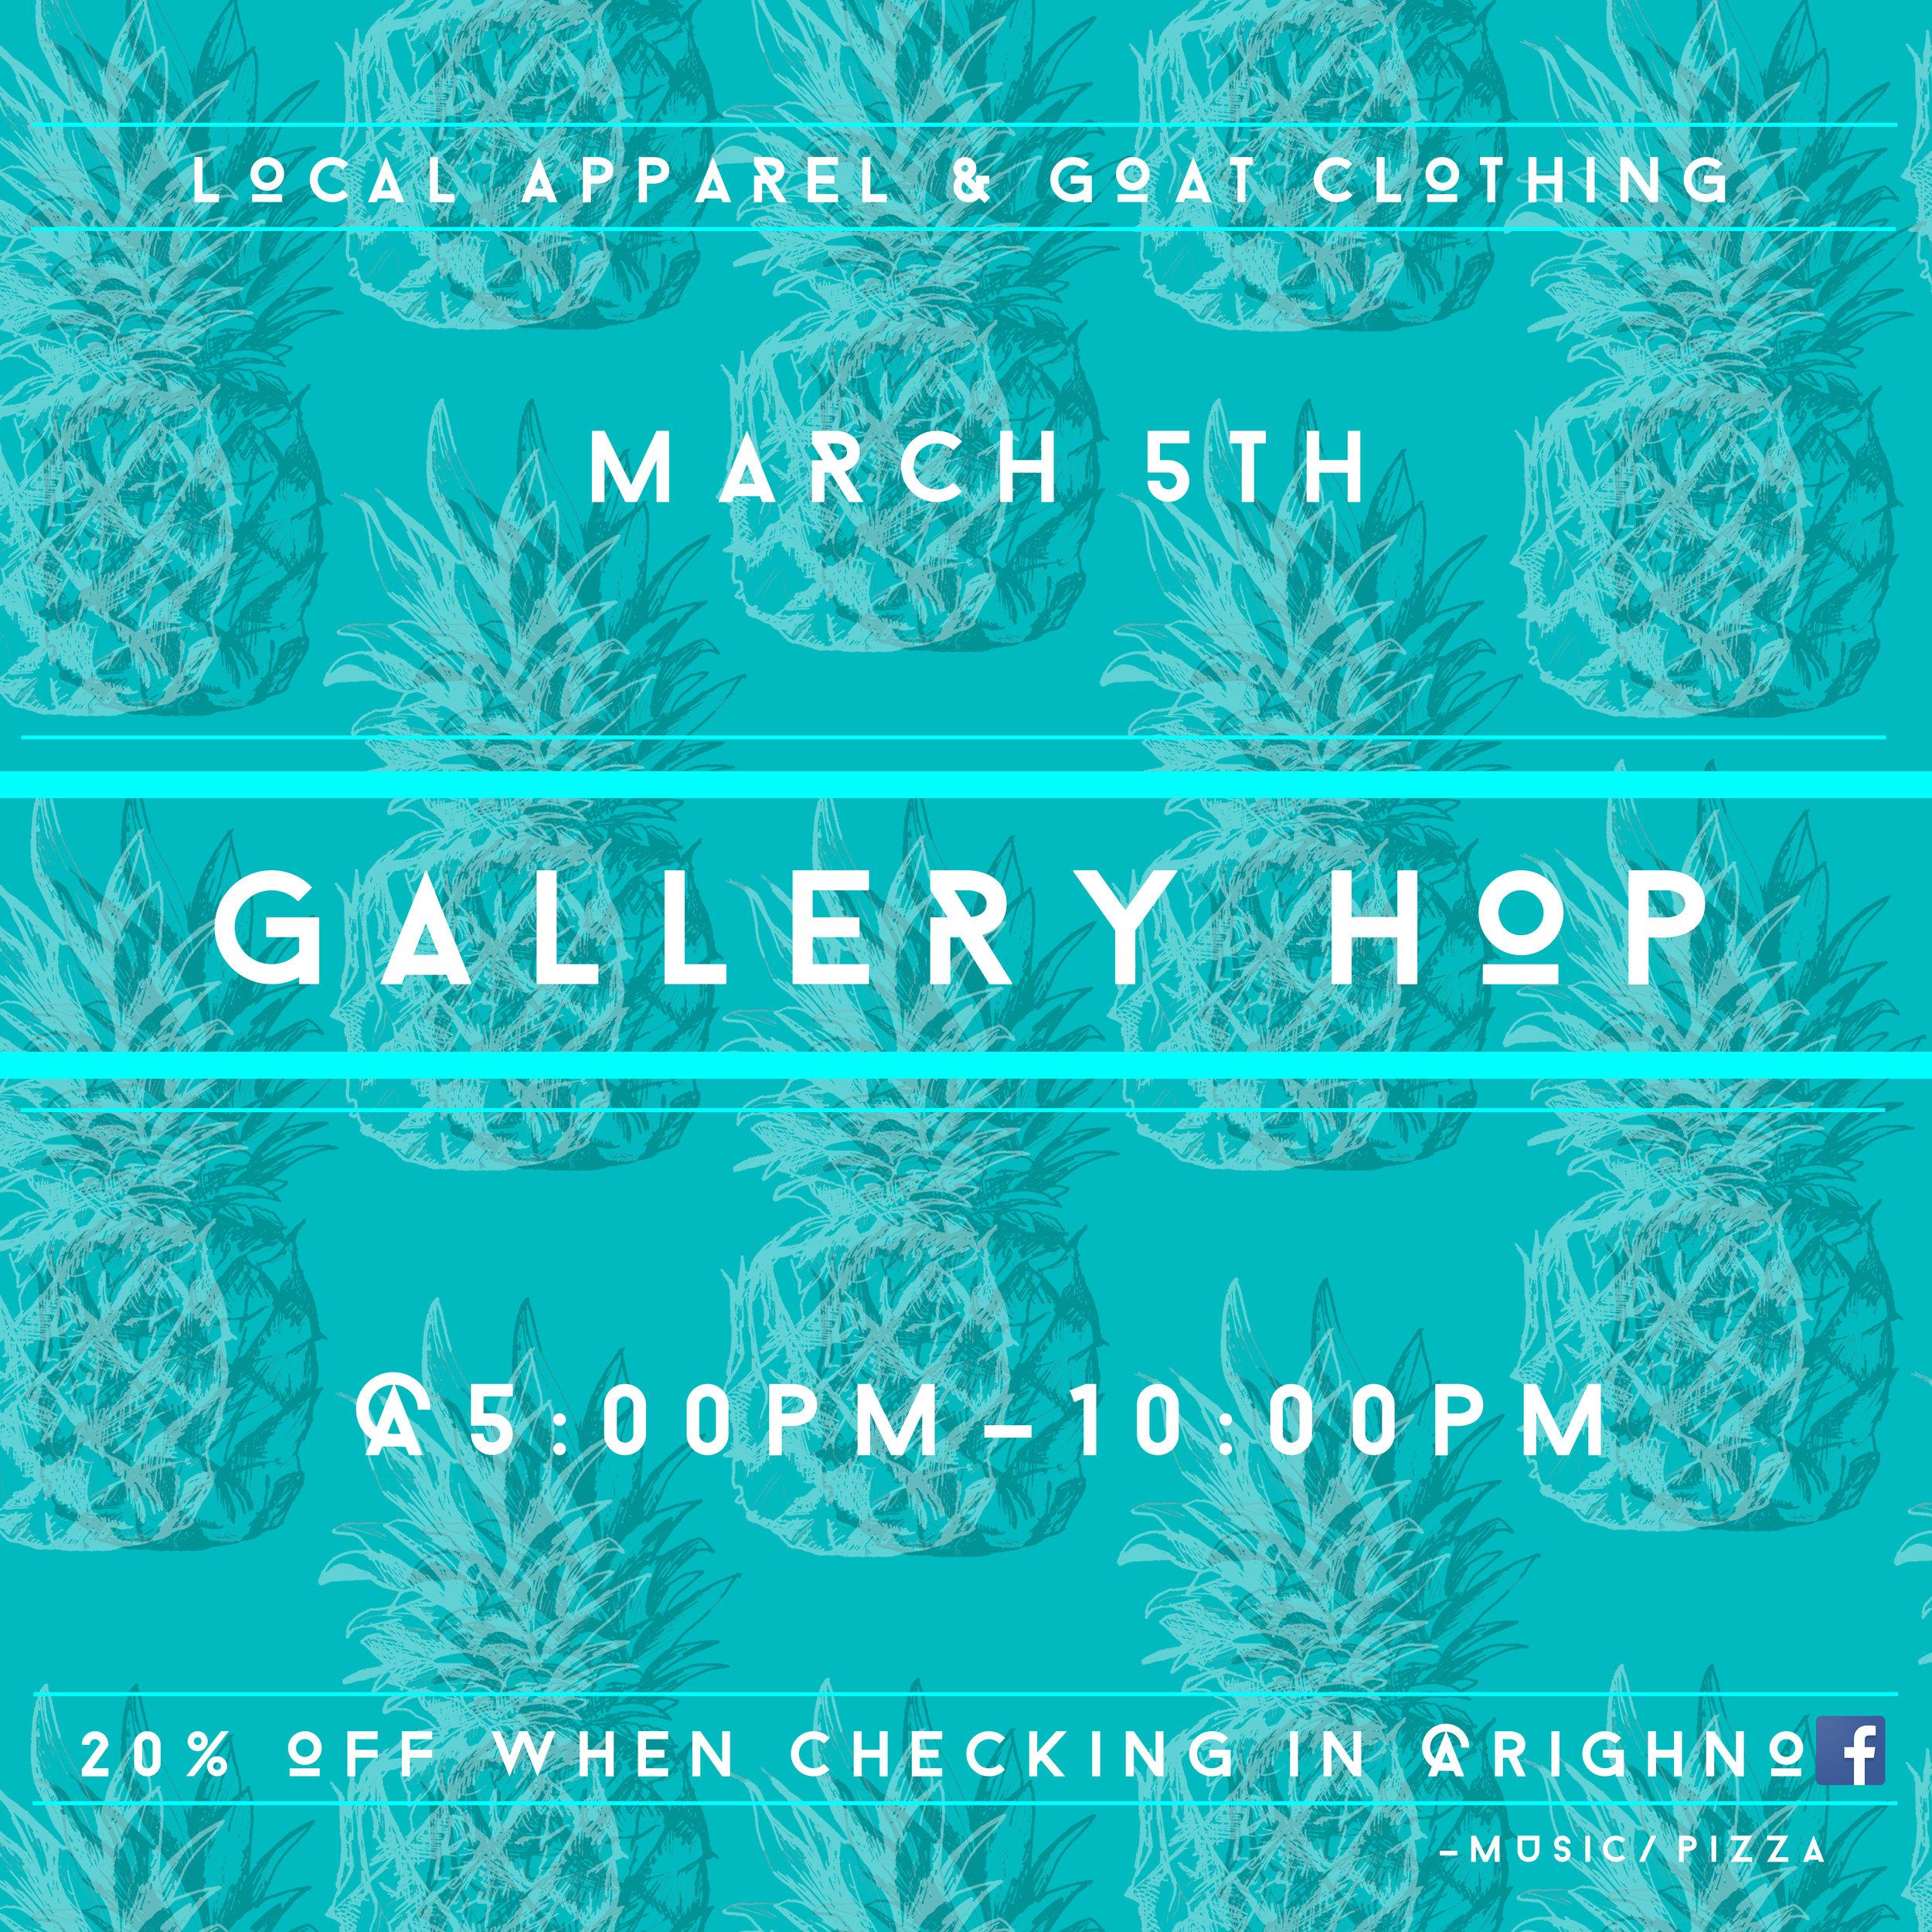 Gallery hop2.jpg